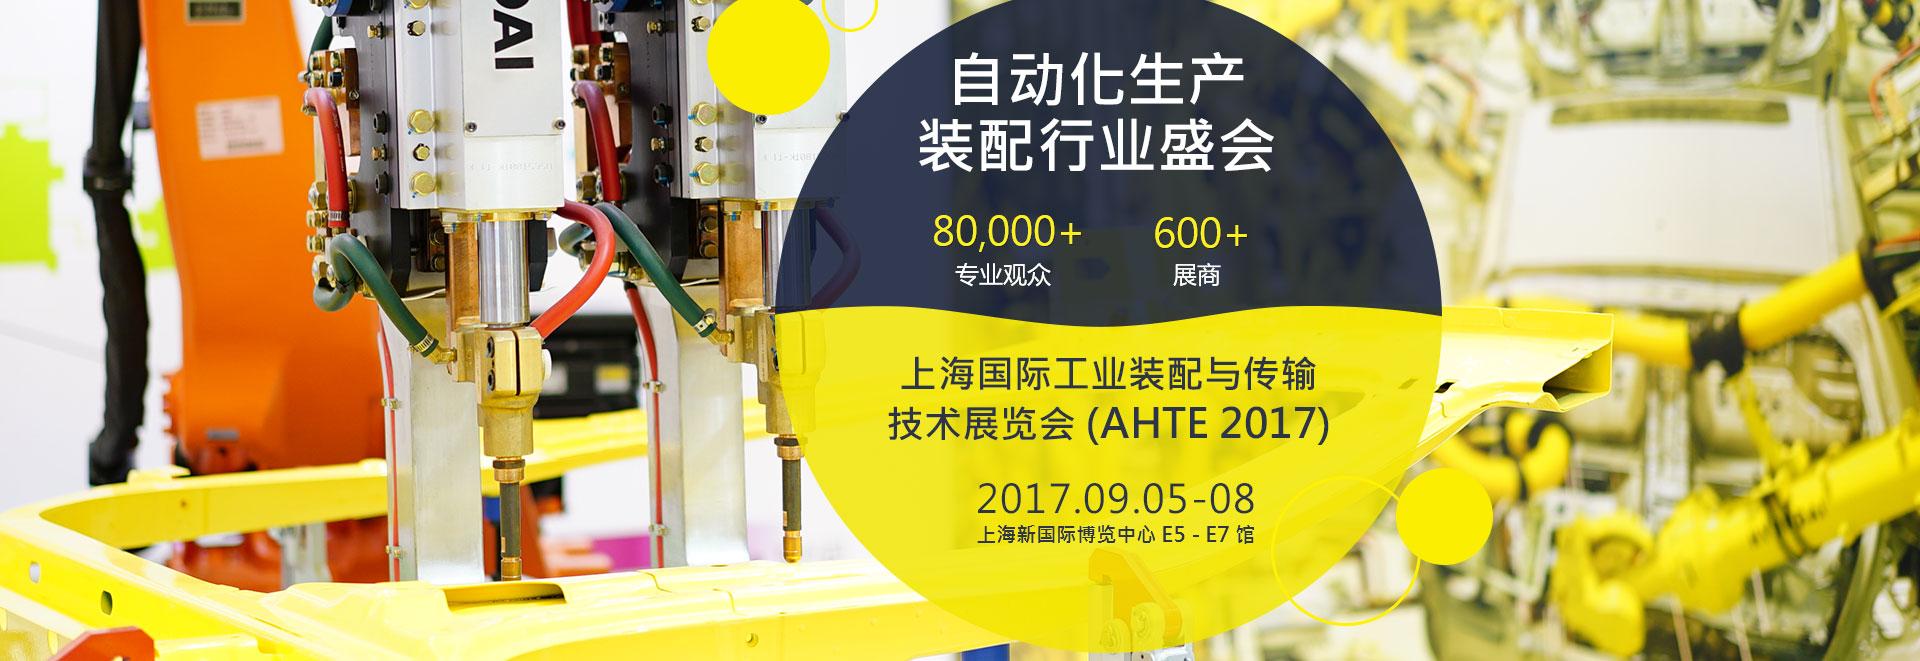 2017展商招募CN